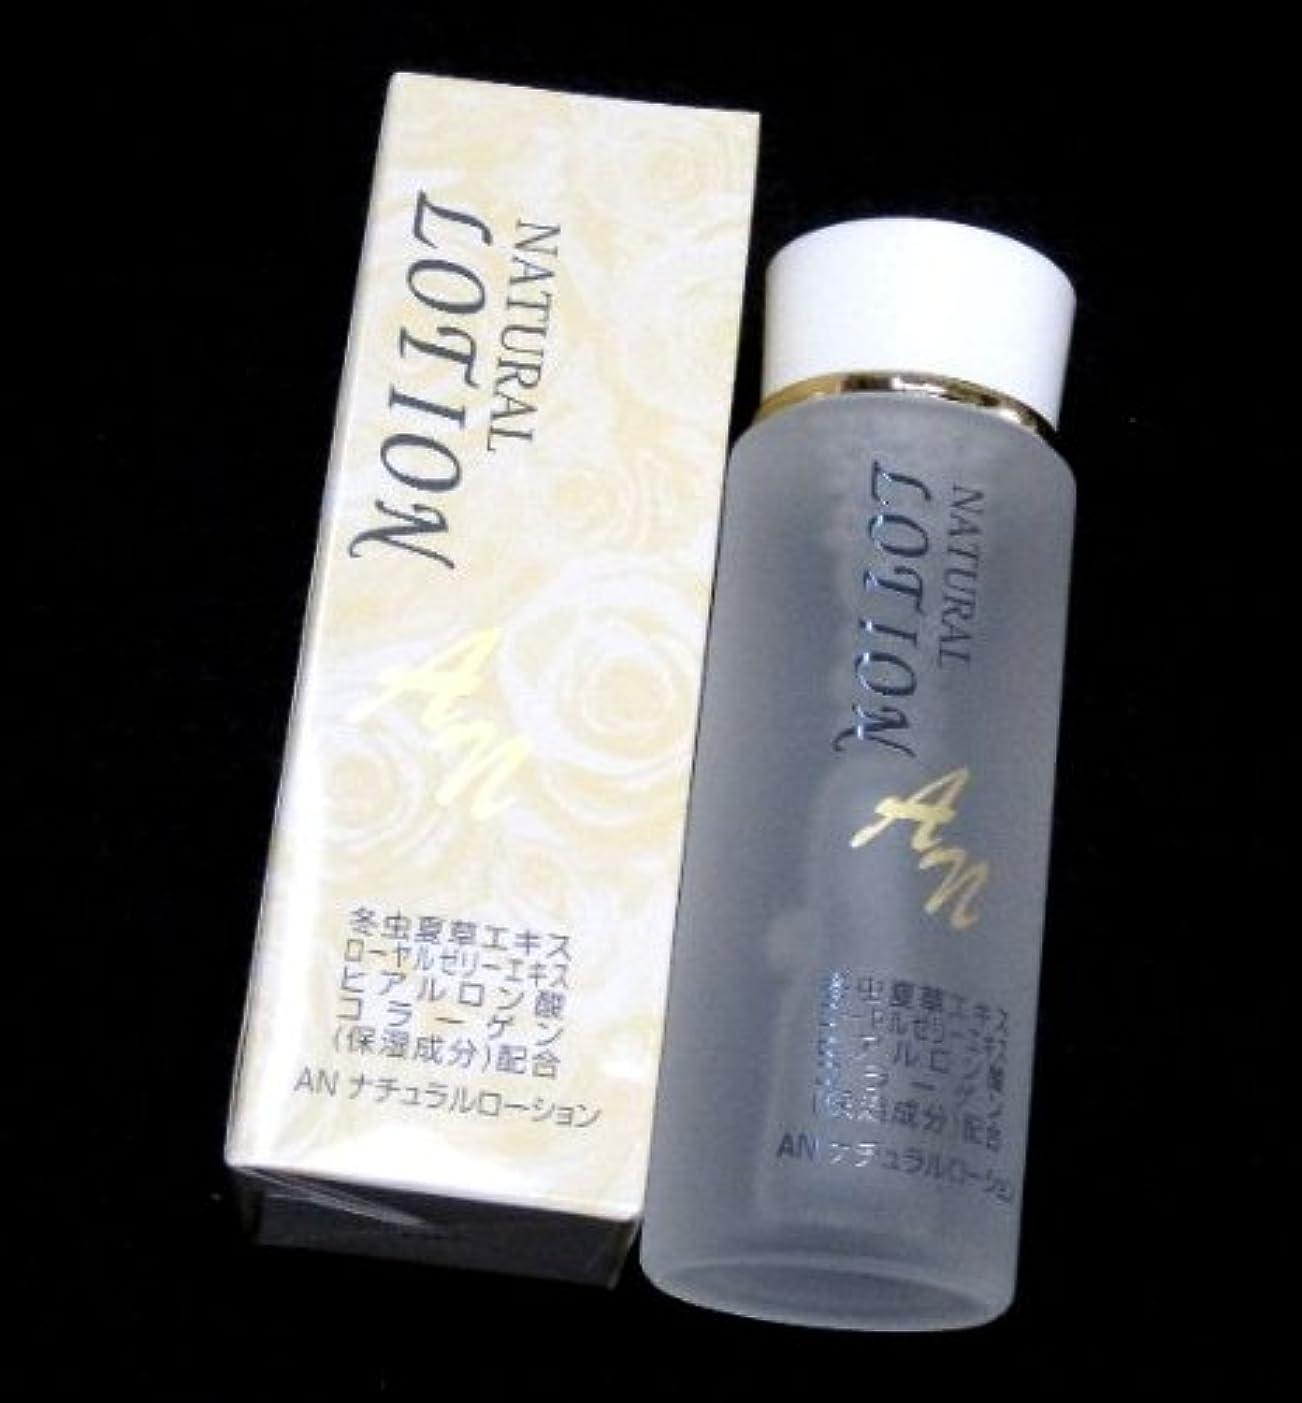 イノセンスオゾンサスティーンAN ナチュラルローション(化粧水) 自然美肌